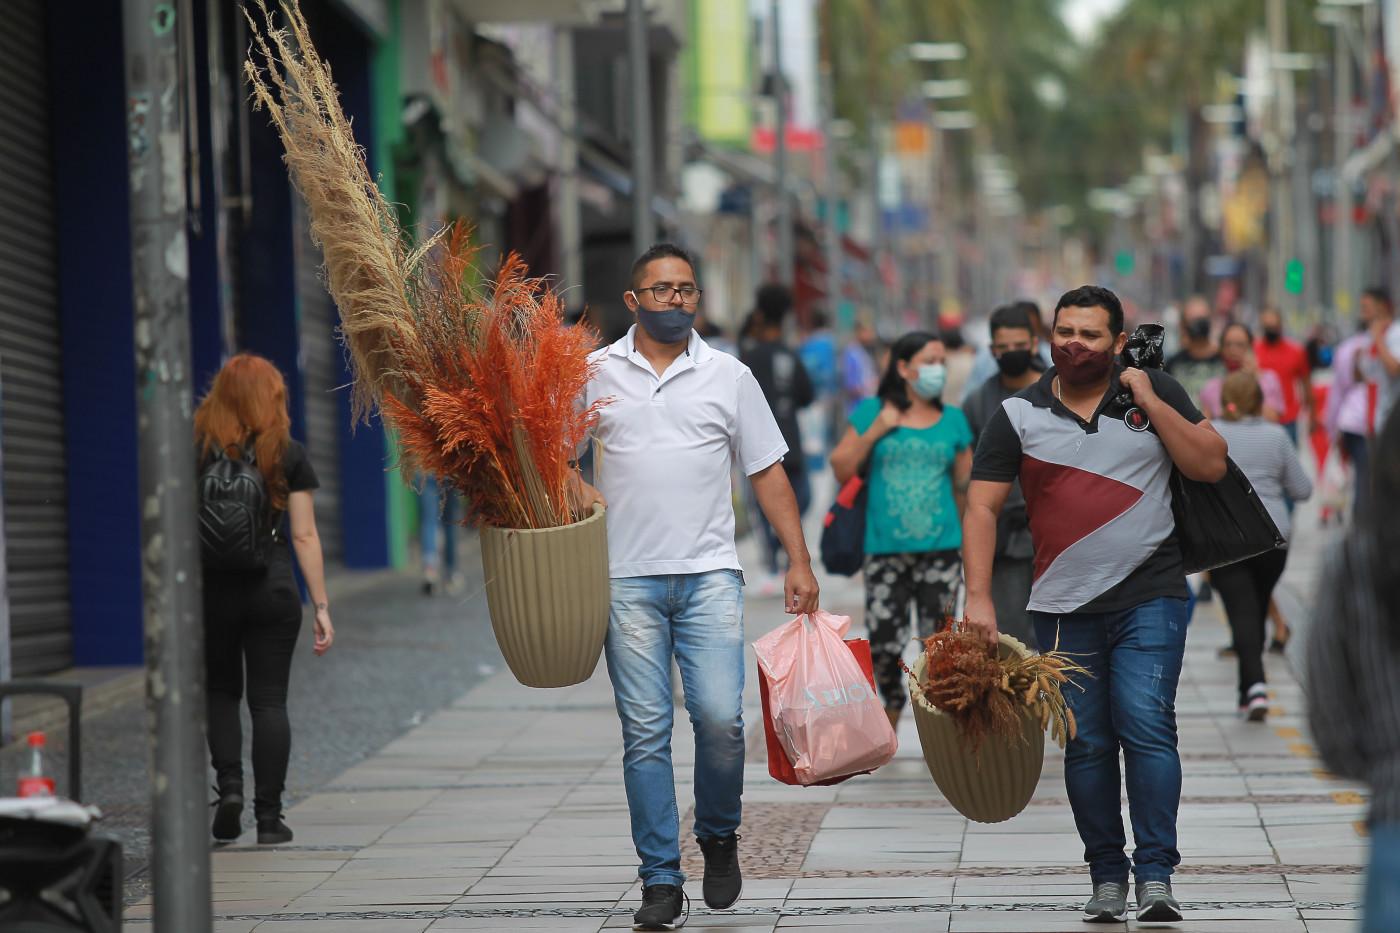 Pessoas caminham na rua com sacos de compra nas mãos